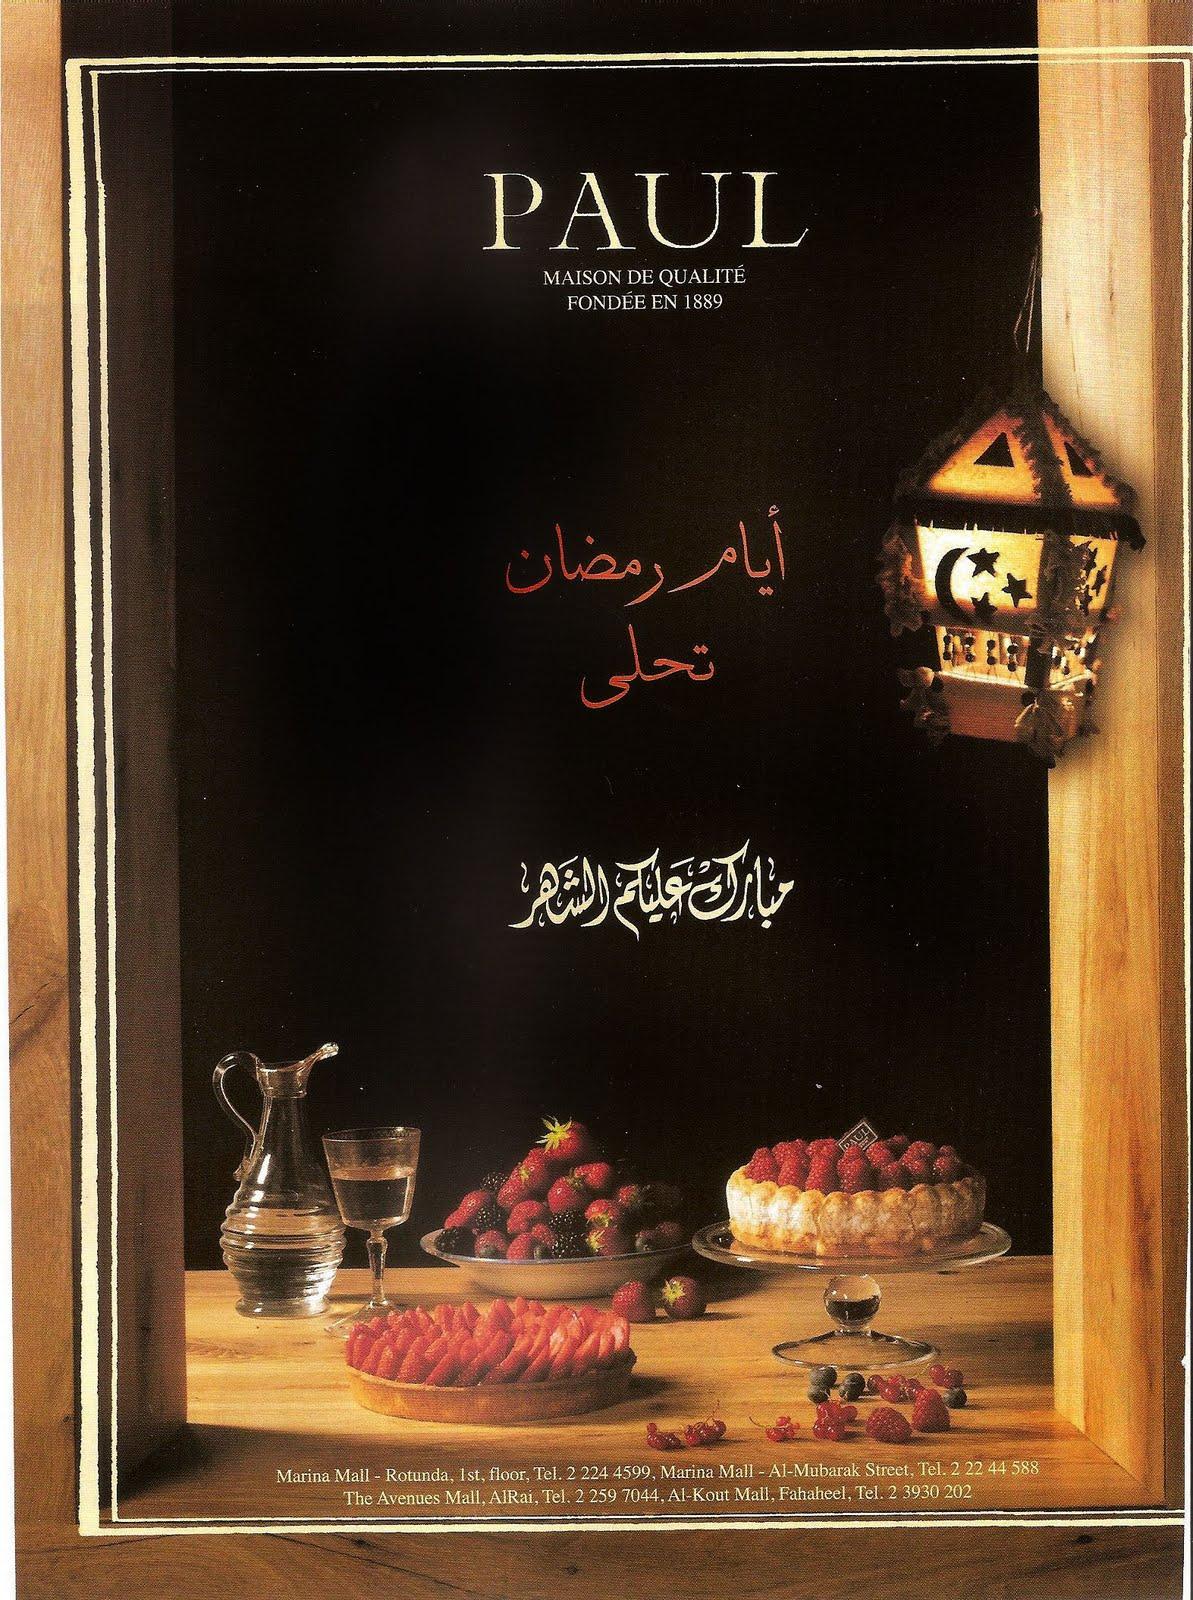 Paul ramadan